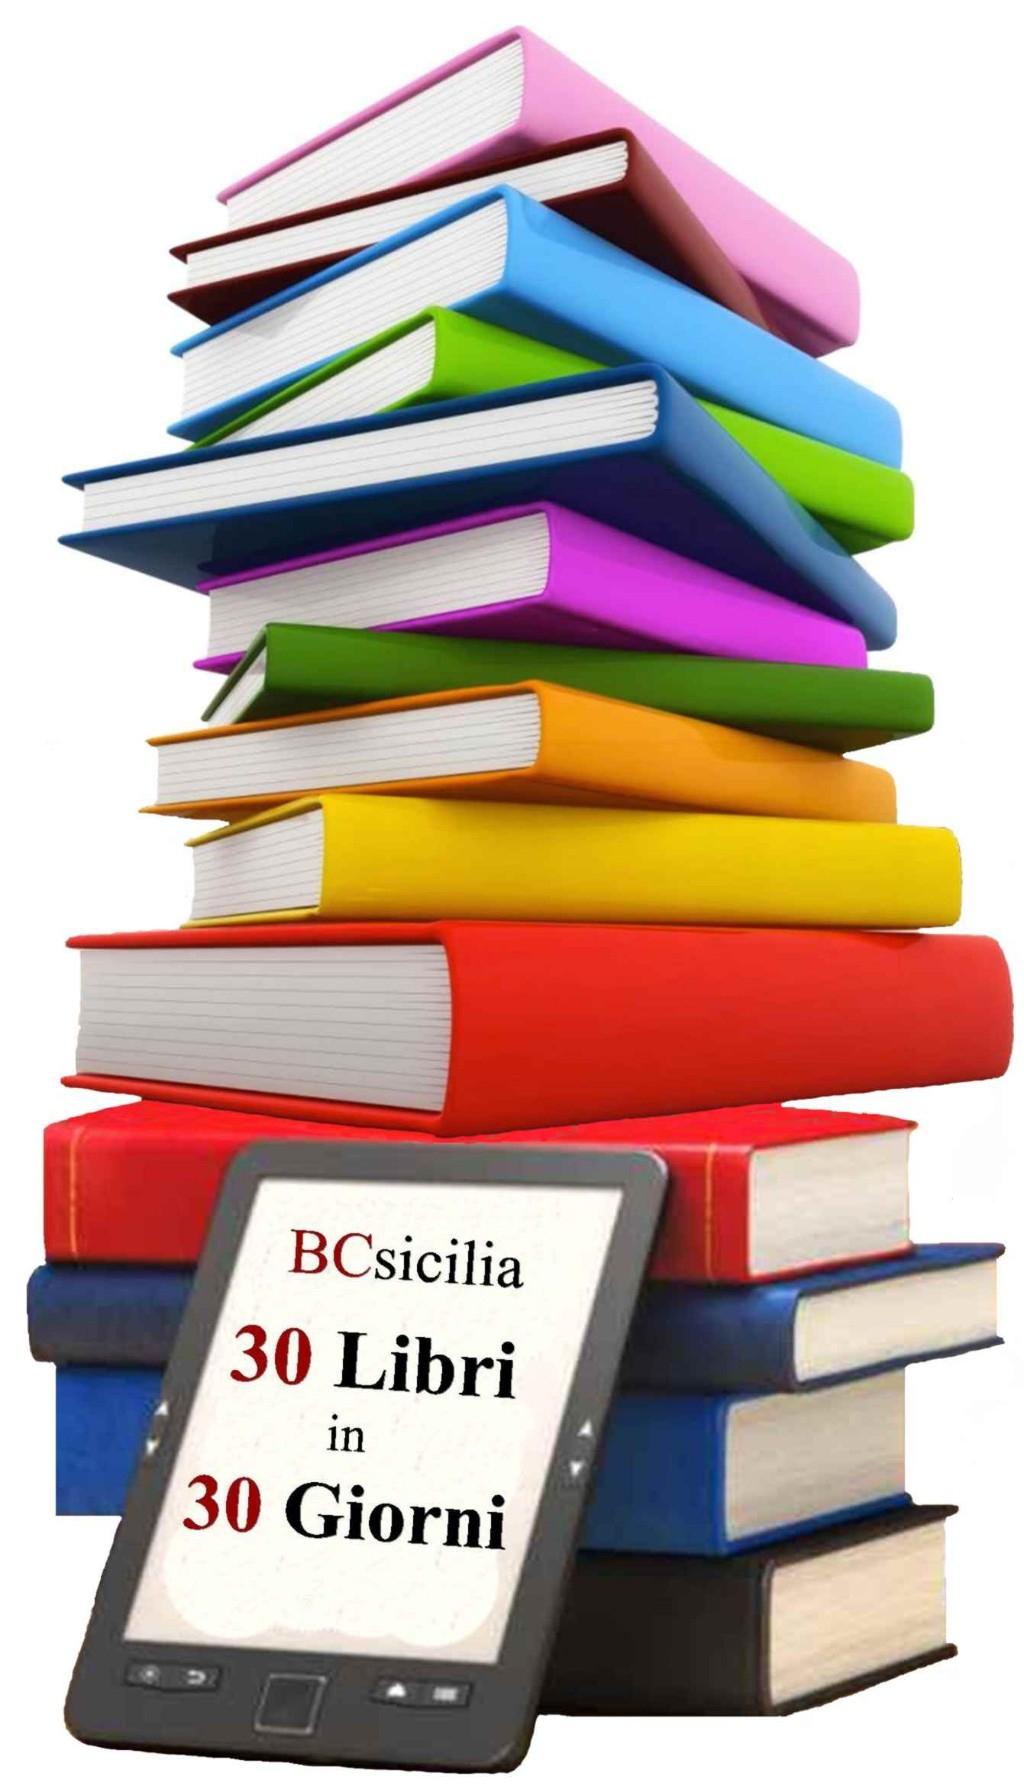 """""""30 libri in 30 giorni"""". Iniziativa di BCsicilia per riscoprire la bellezza della lettura. I luoghi, le date, i titoli e gli autori dei volumi che verranno presentati"""